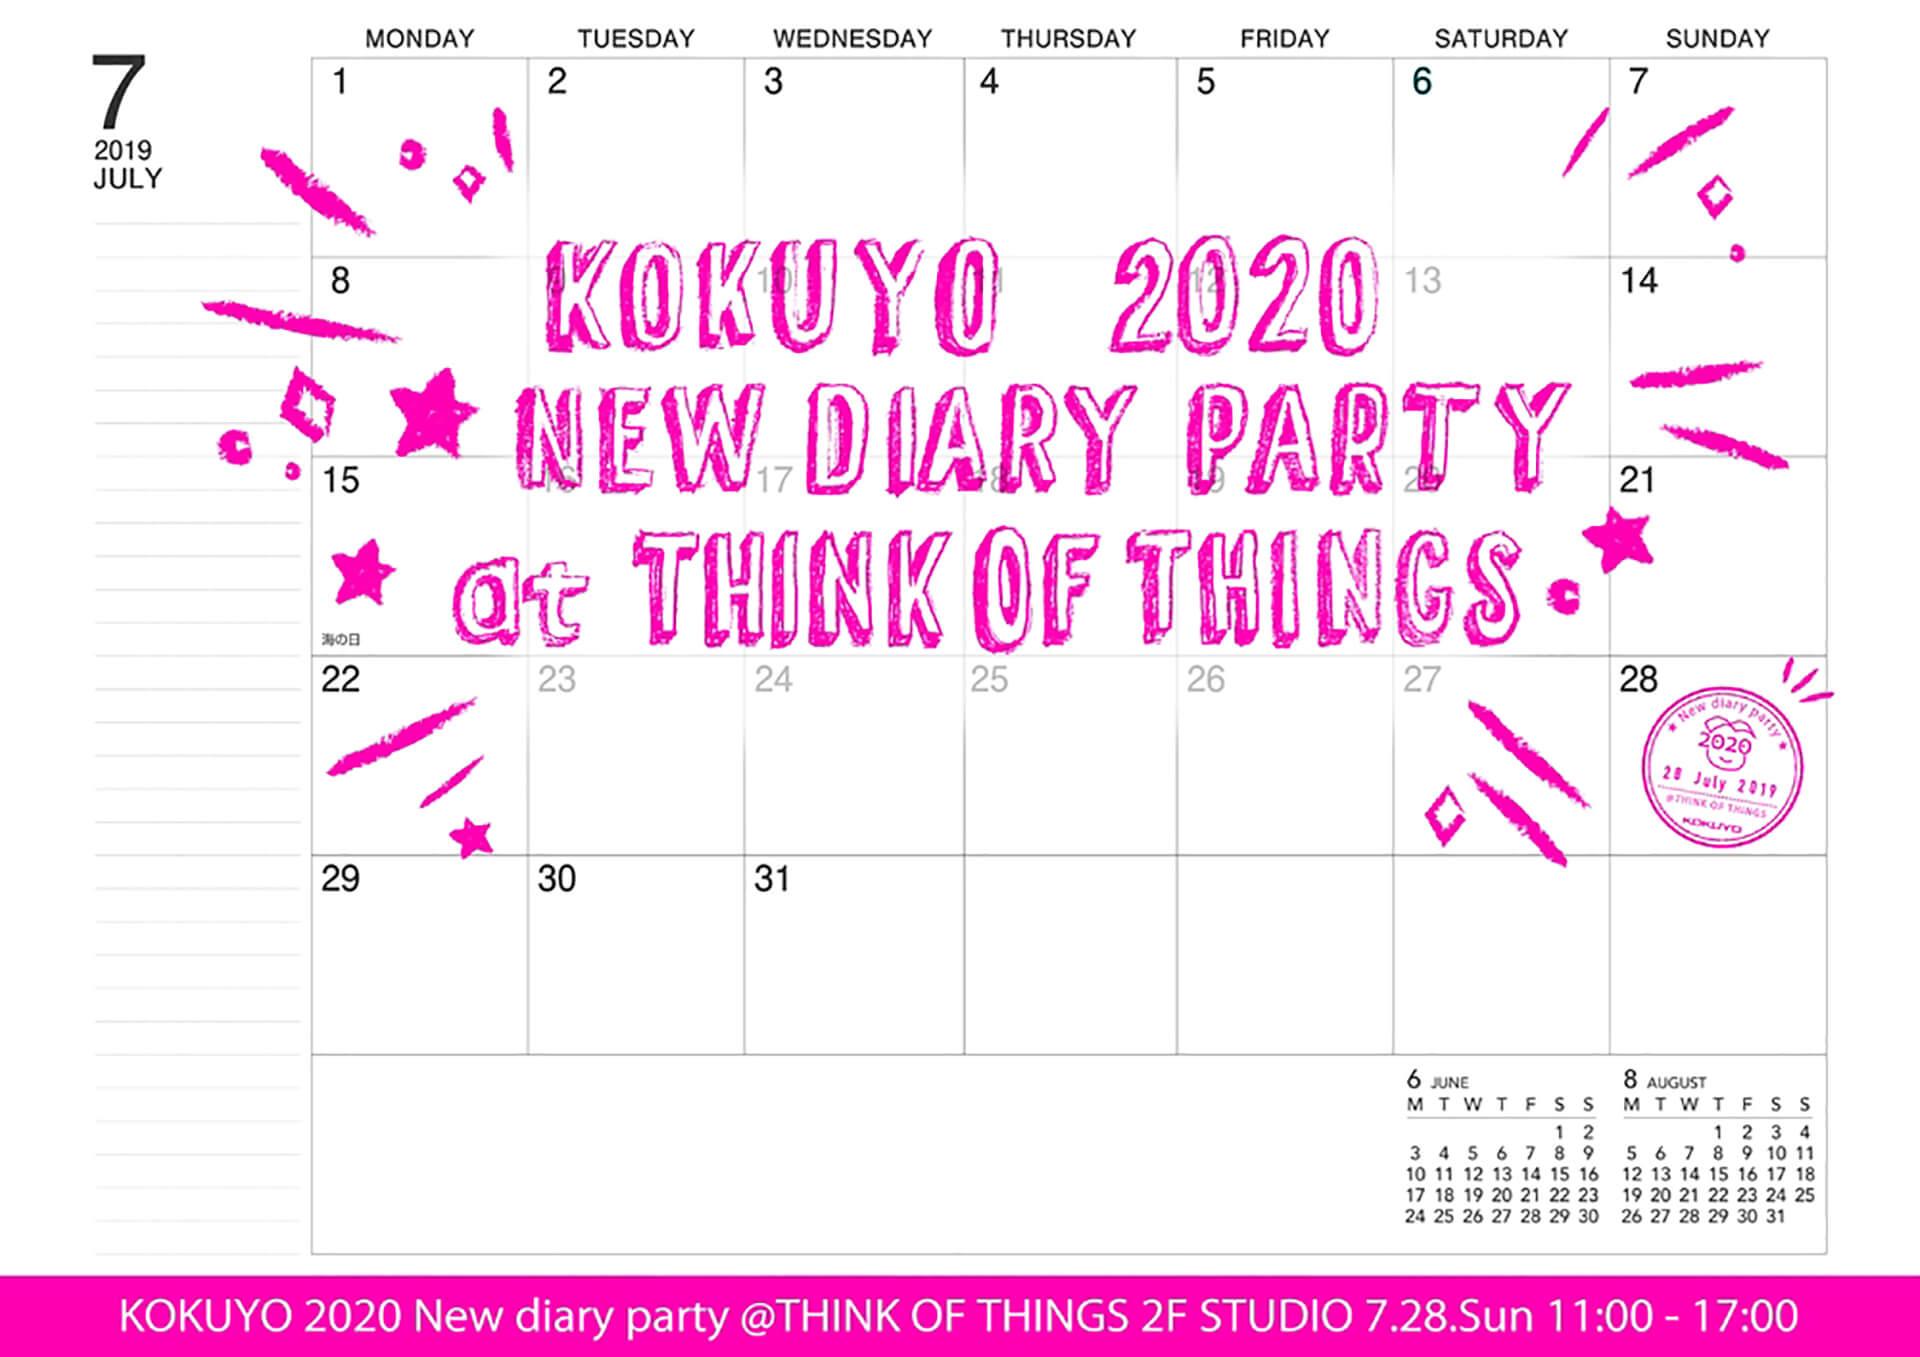 この写真はKOKUYO 2020 NEW DIARY PARTYのメインビジュアル。カレンダー風のデザインです